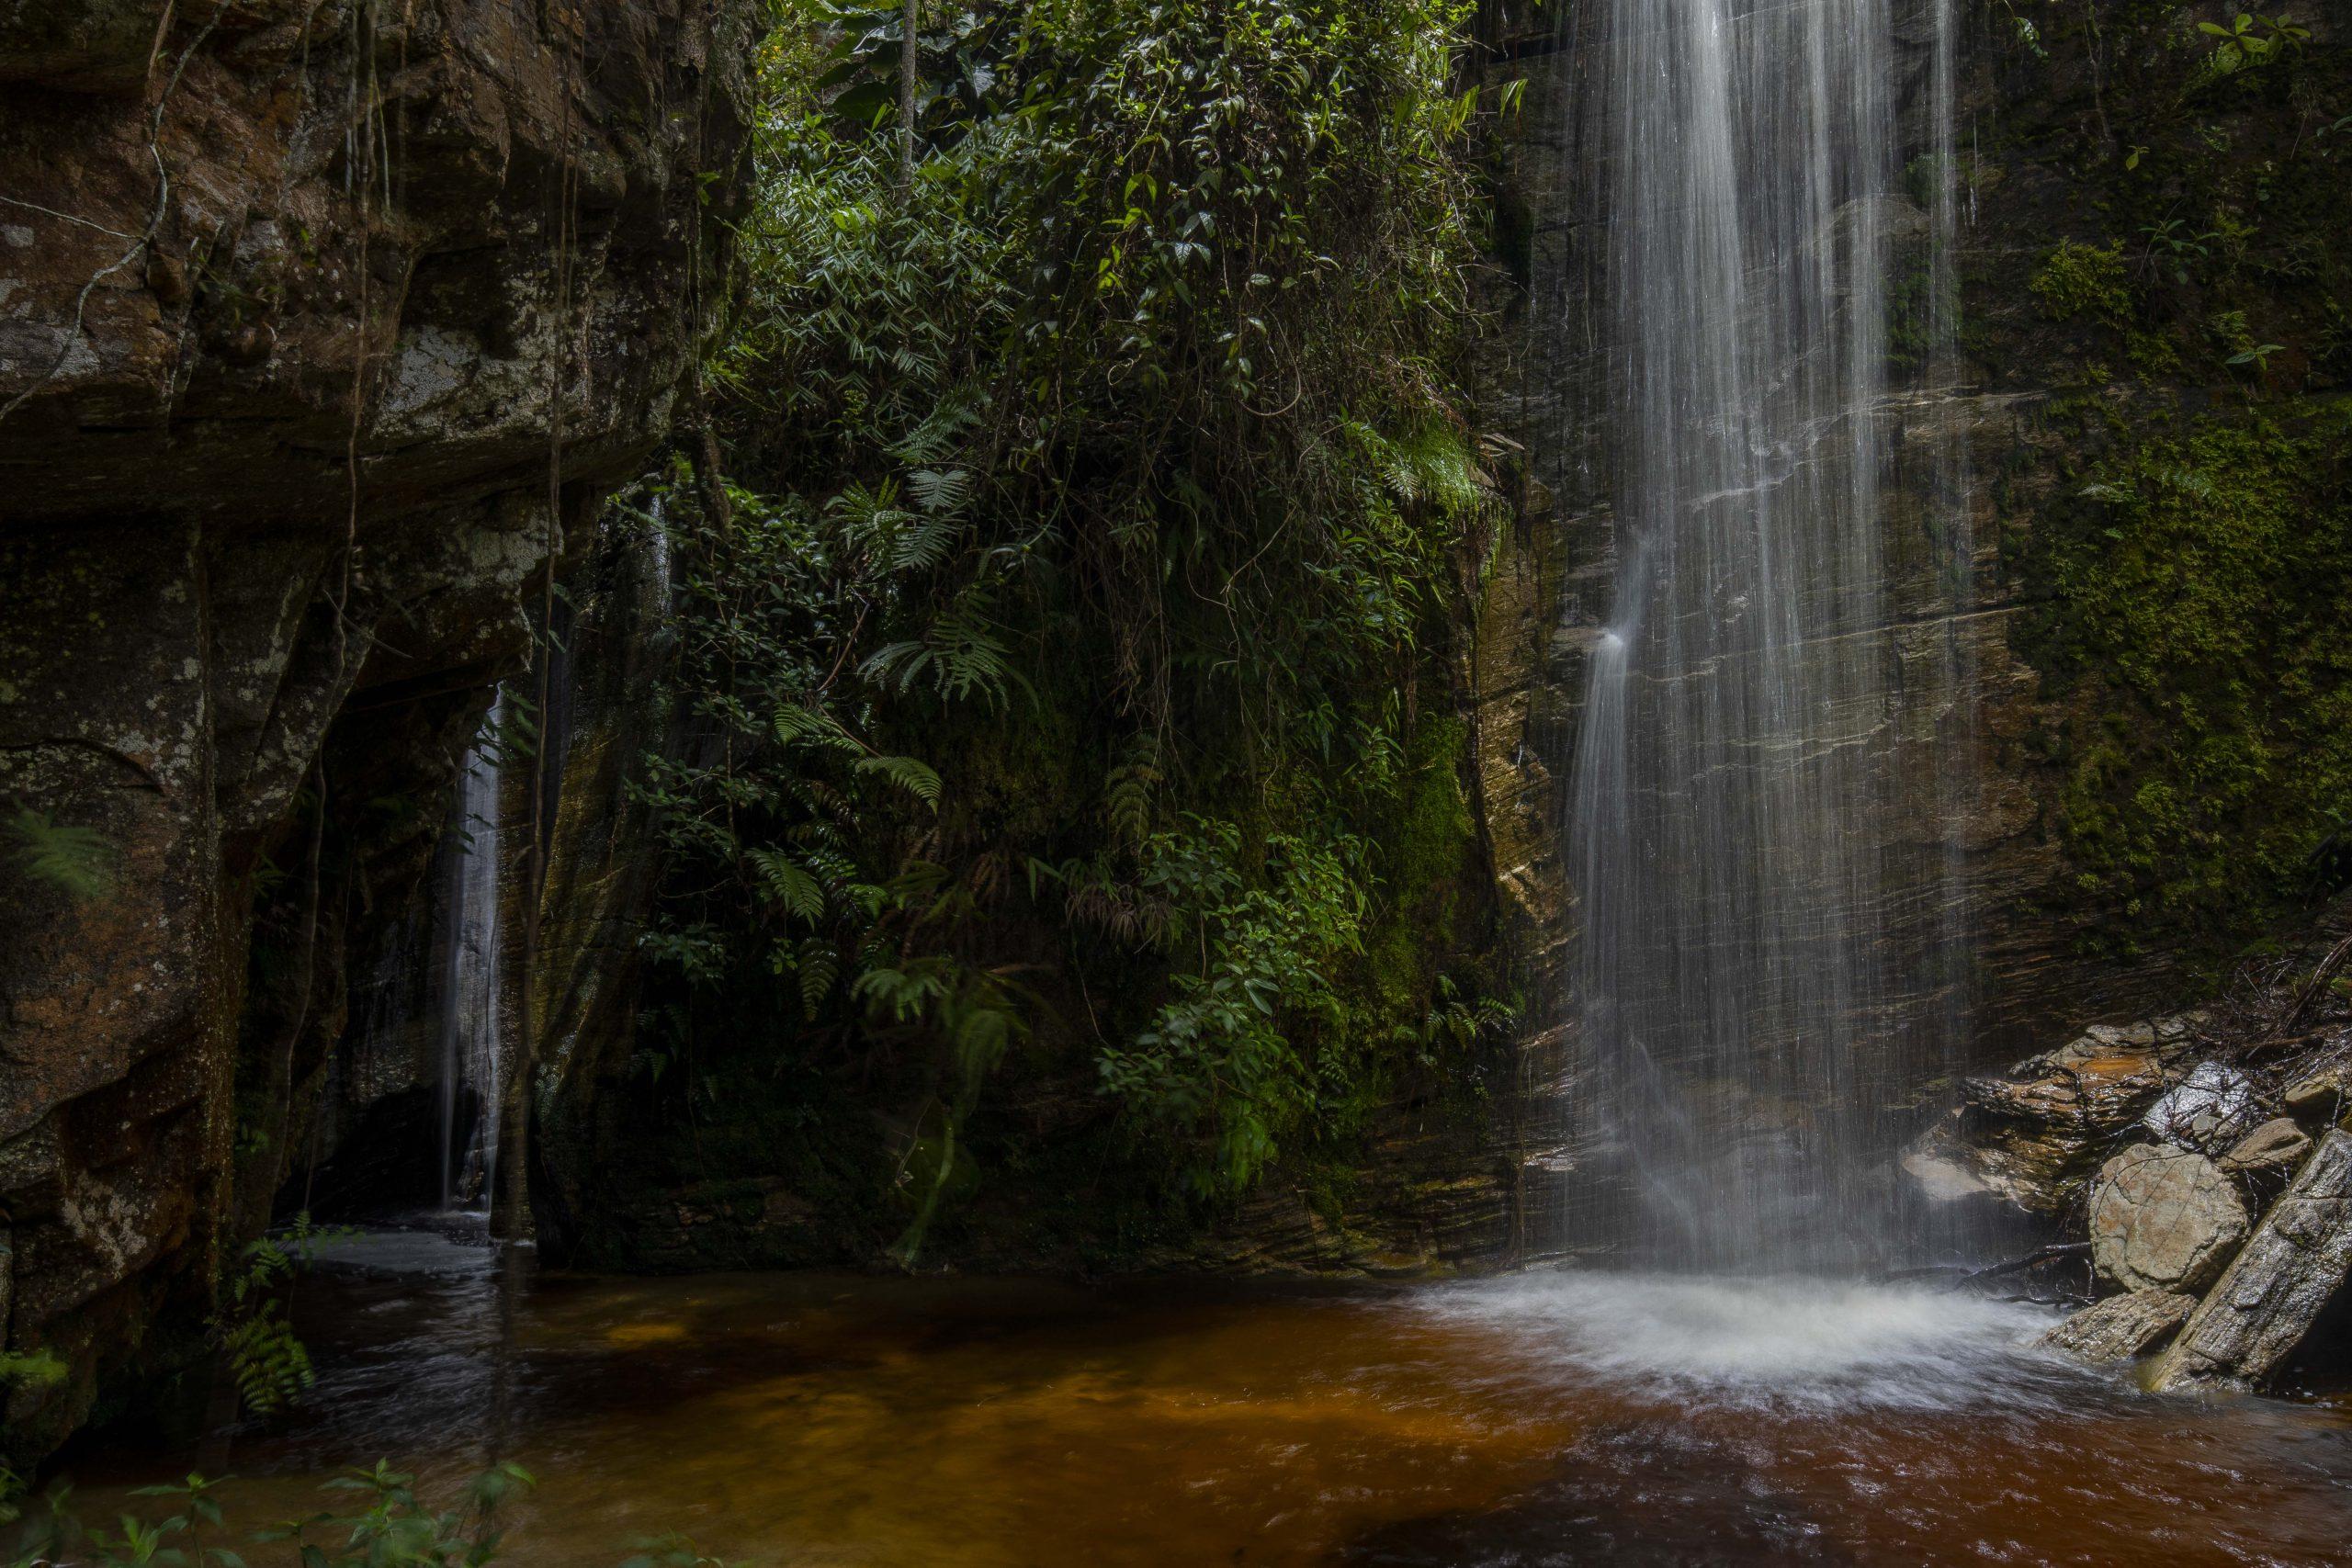 Mata Atlântica na região da Comuna do Ibitipoca em Minas Gerais, onde o desenvolvido um projeto de reintrodução de Muriquis do Norte.